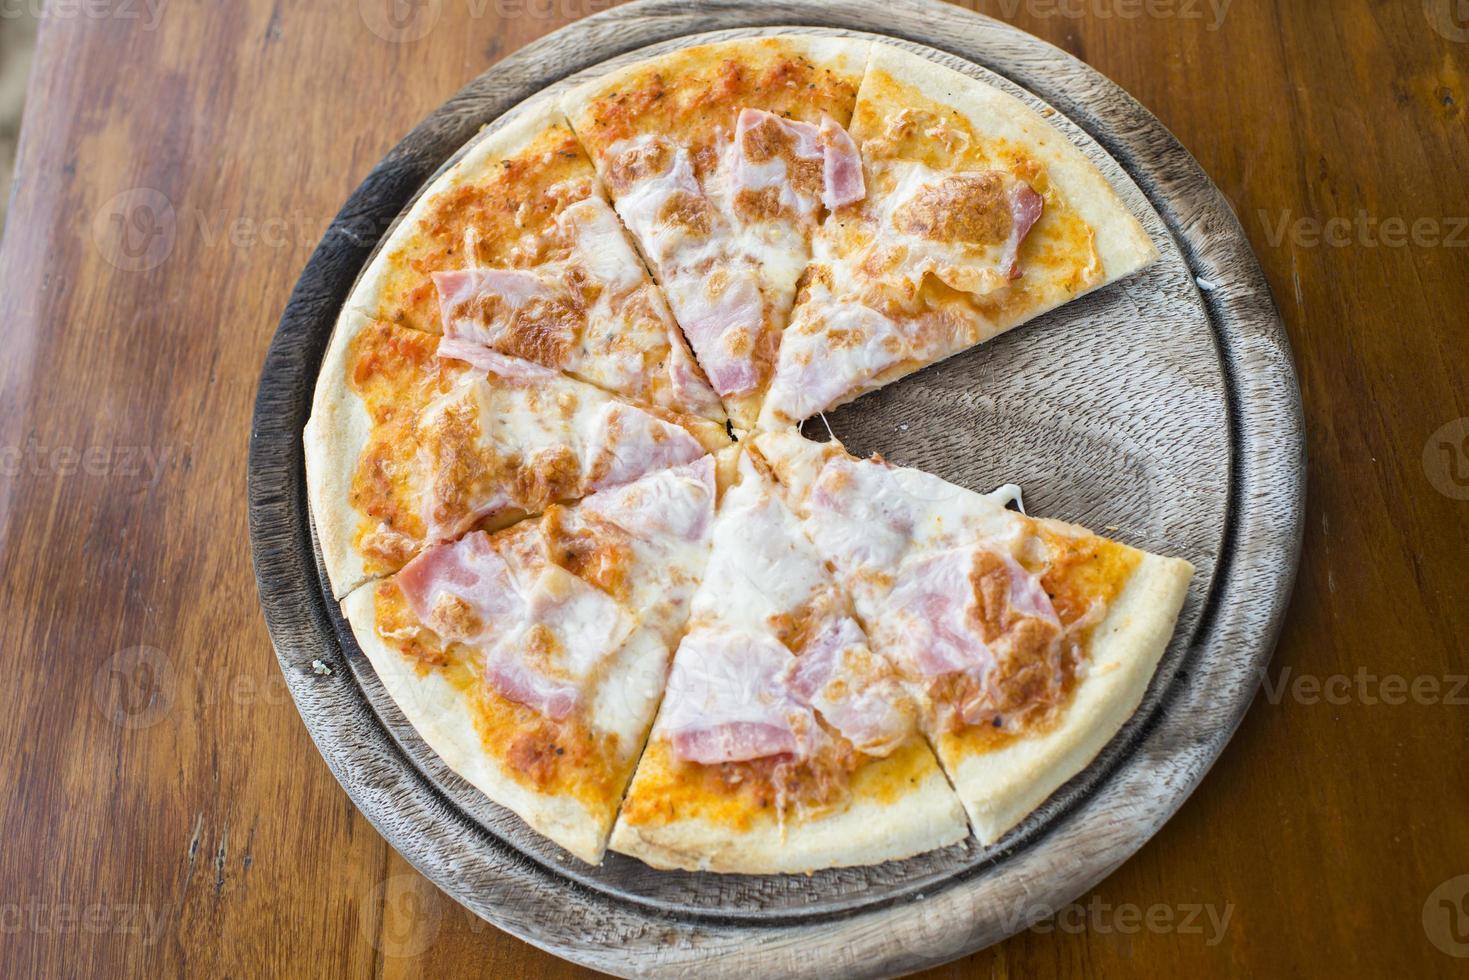 jambon pizza maison sur table en bois. photo